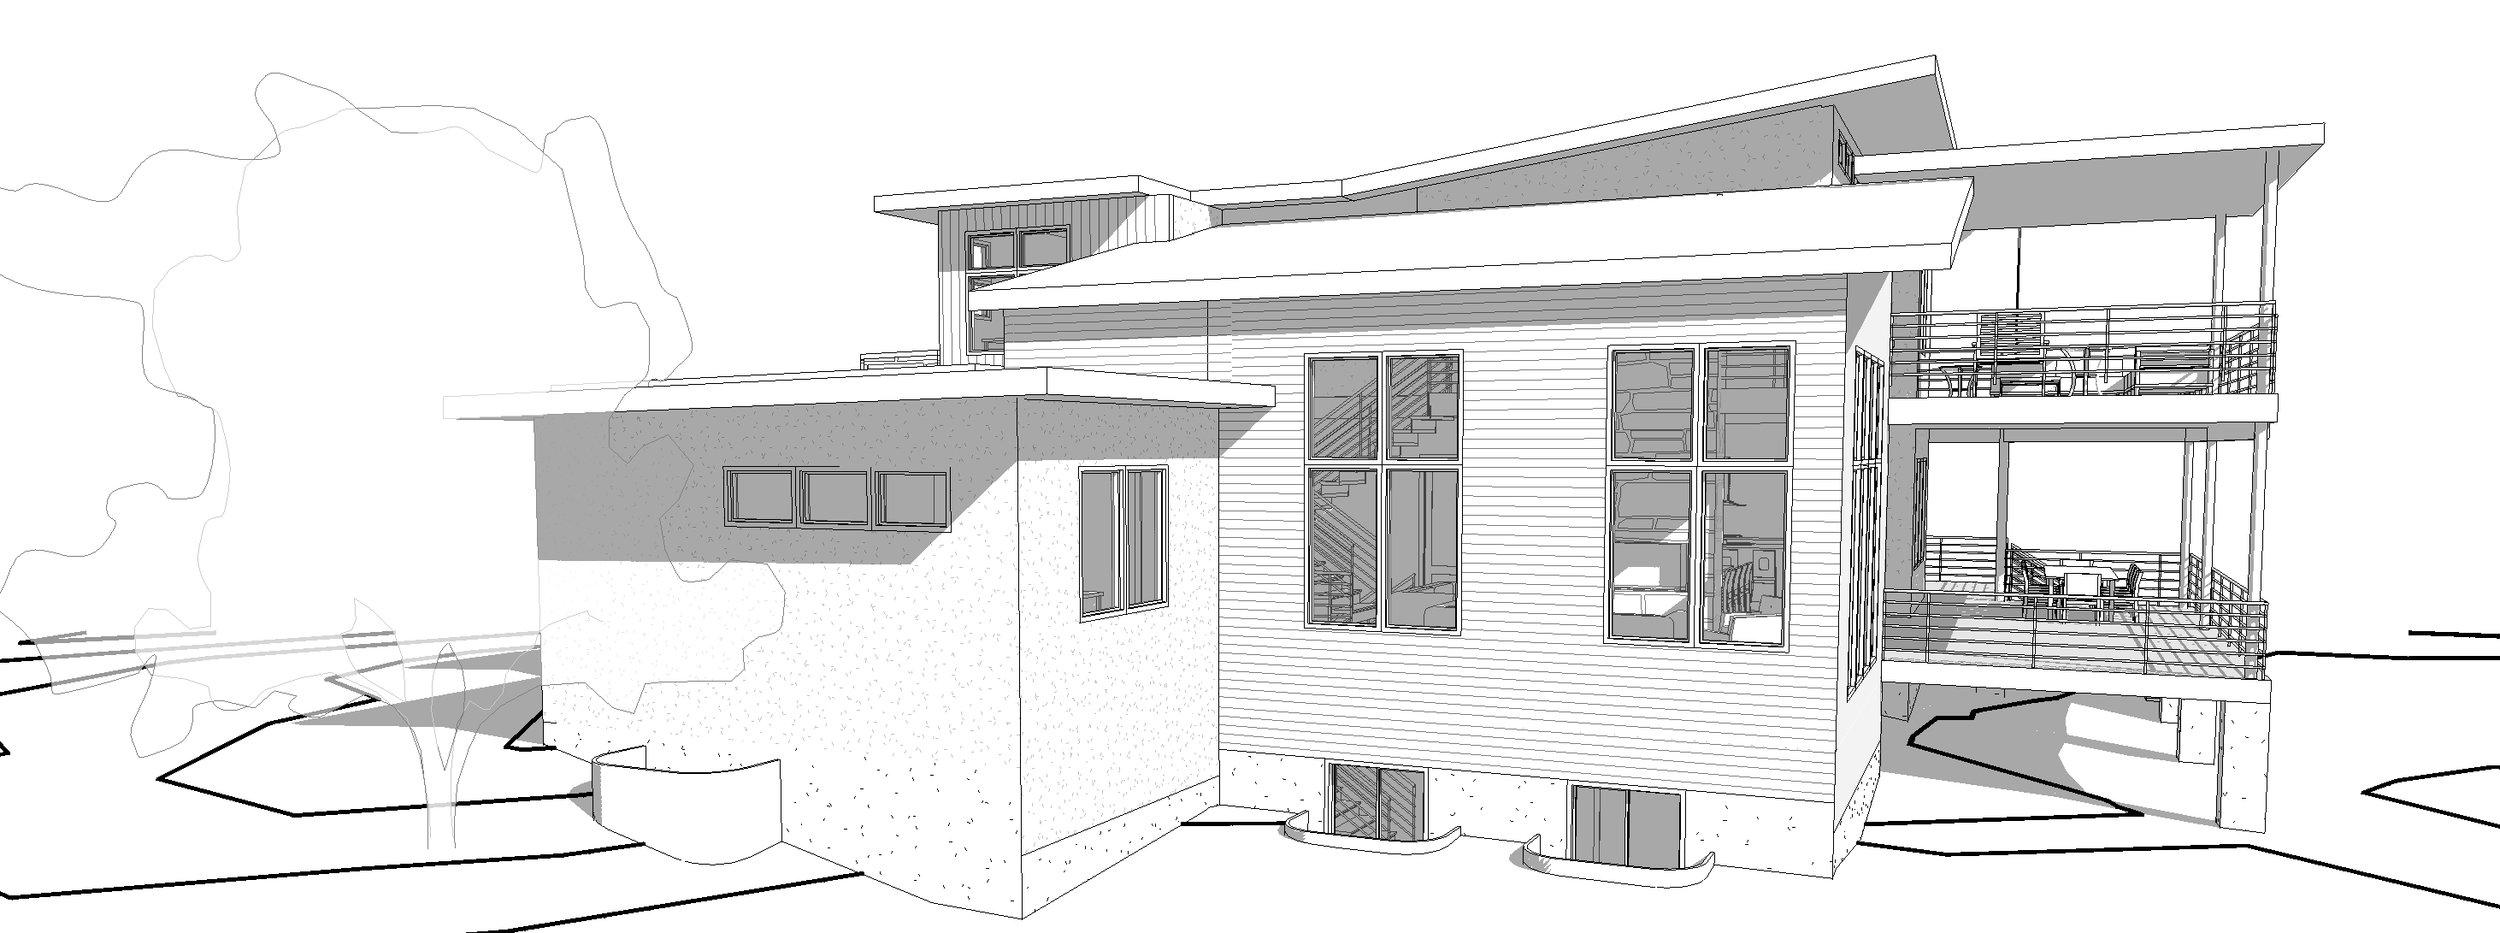 Rickett Scheme 5 - 3D View - 3D View 4.jpg